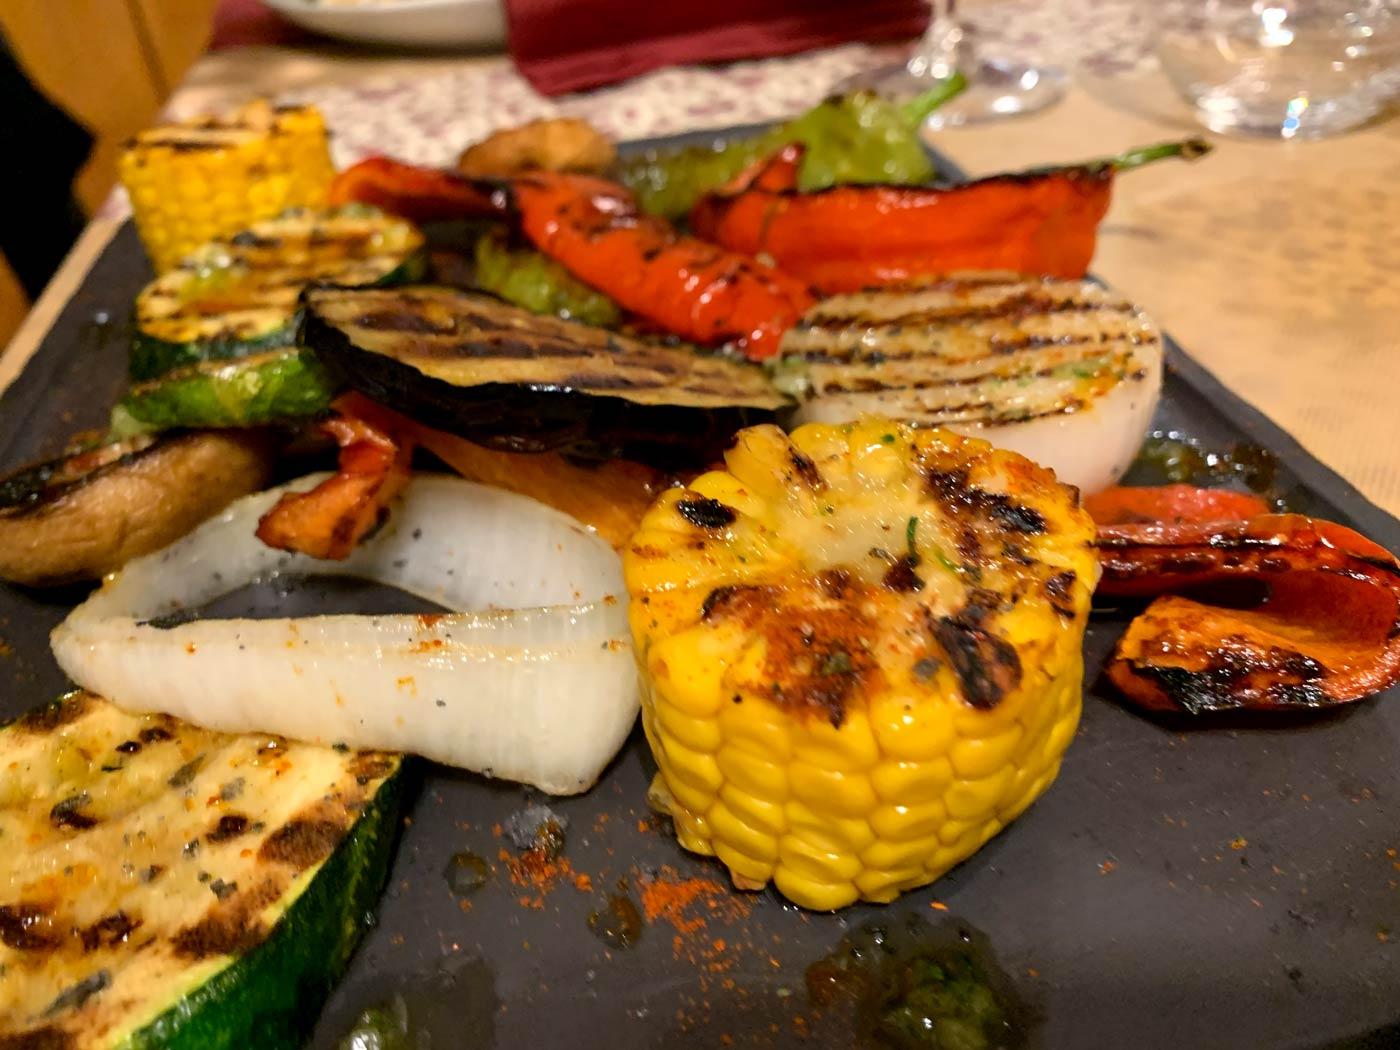 Restaurant, Ager, gourme,Wanderlust, Natur, Schluchtenwanderung, Congost de Montrebei